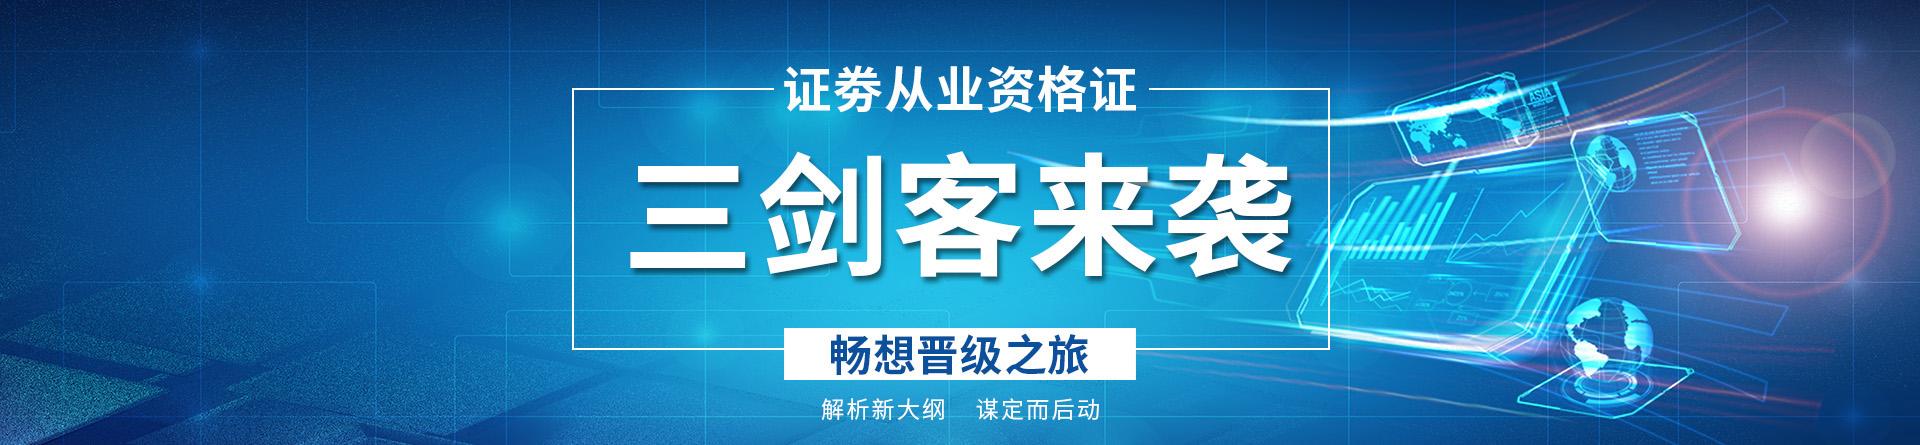 湖南湘潭优路教育培训学校